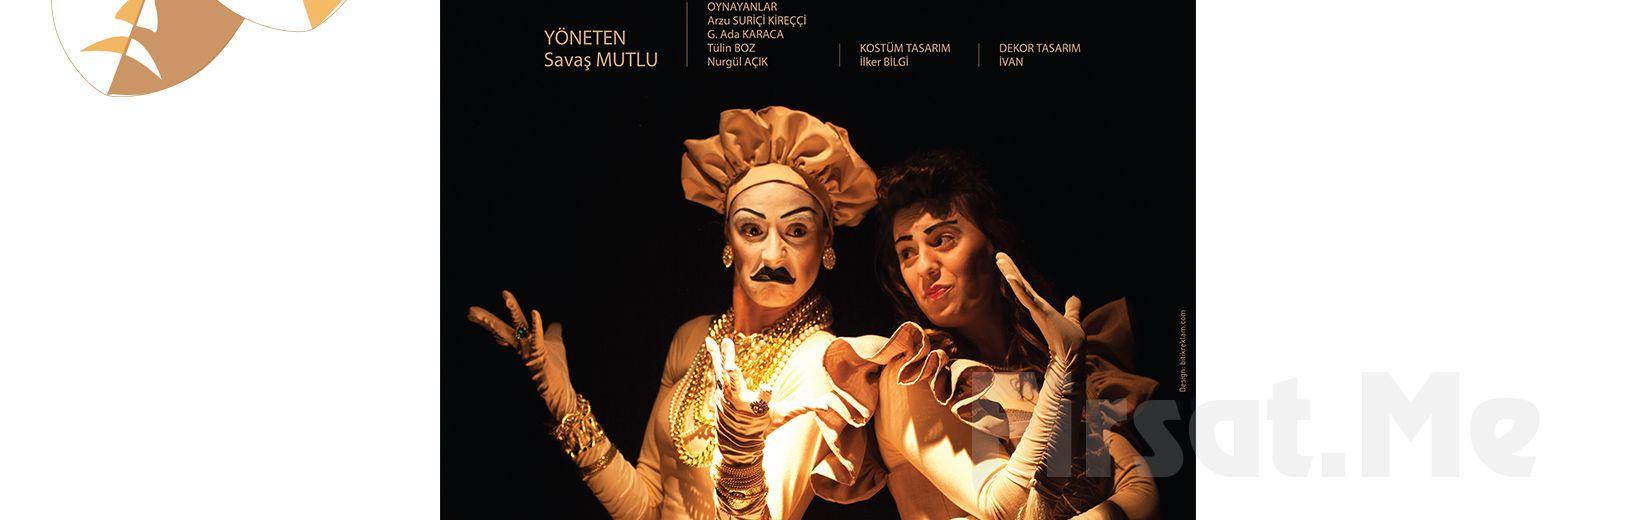 Savaş Mutlu Yönetmenliğinde Kadınlar & Kadınlar Komedi Tiyatro Oyun Bileti